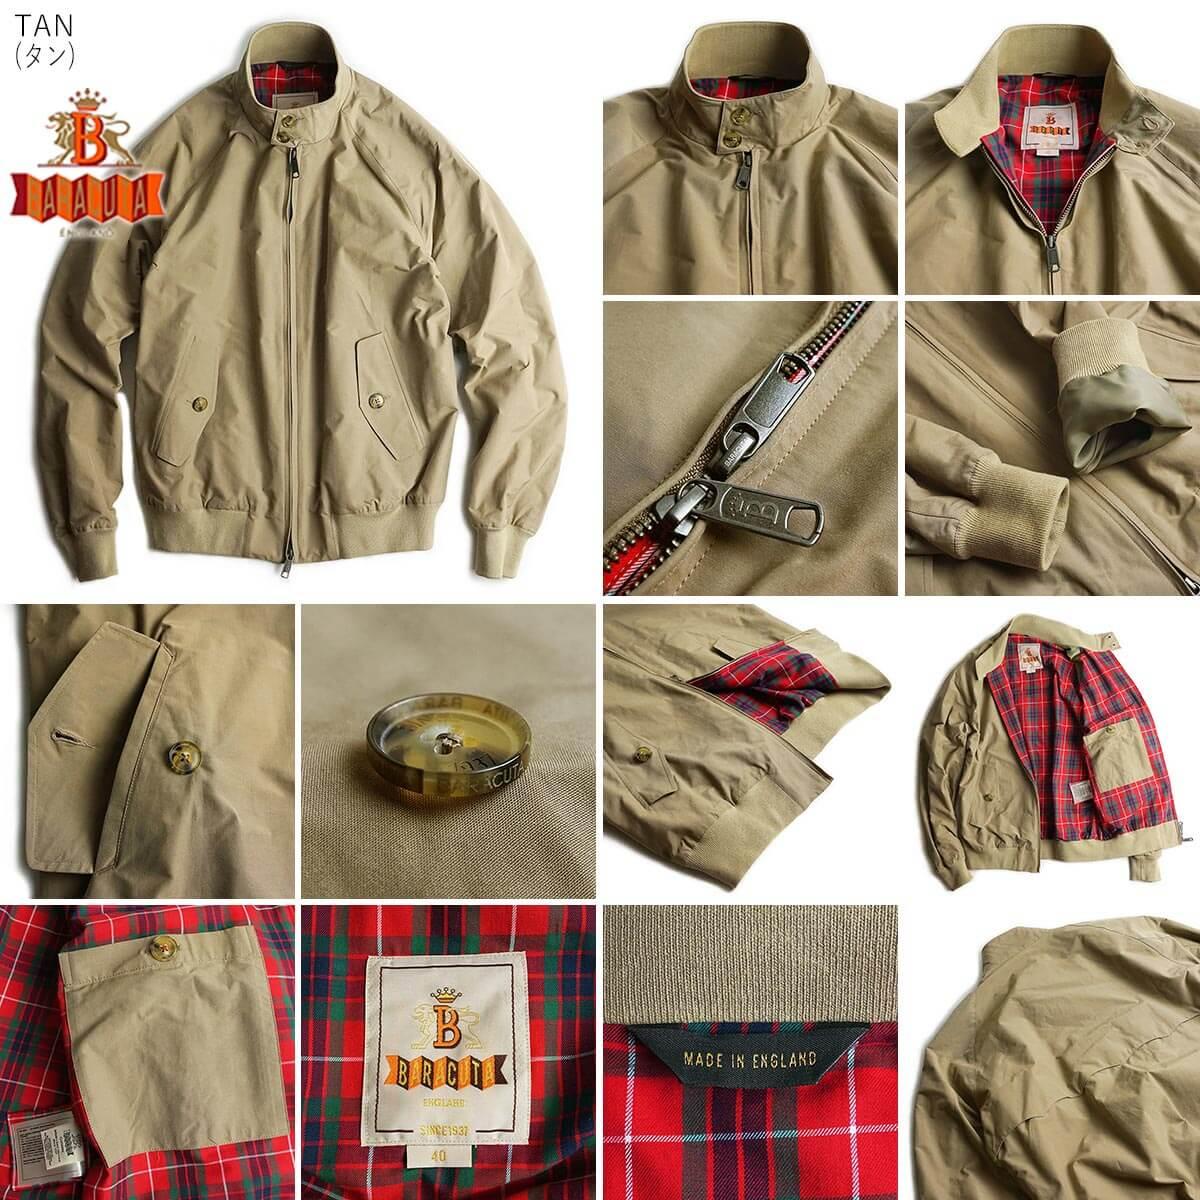 バラクータG9ジャケットのスペック